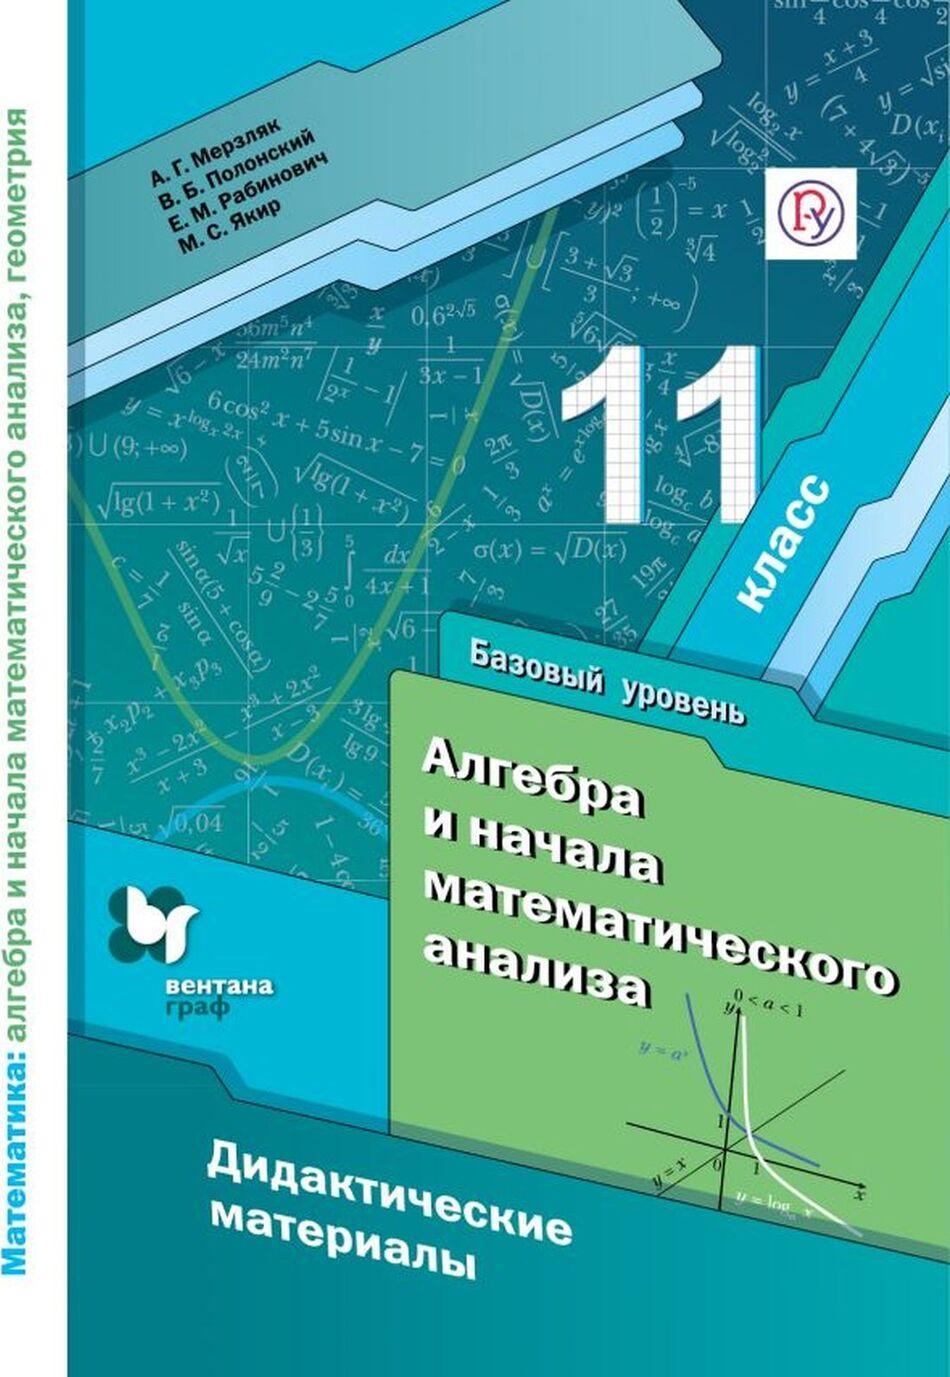 Algebra i nachala matematicheskogo analiza. 11 klass. Didakticheskie materialy | Merzljak Arkadij Grigorevich, Jakir Mikhail Semenovich